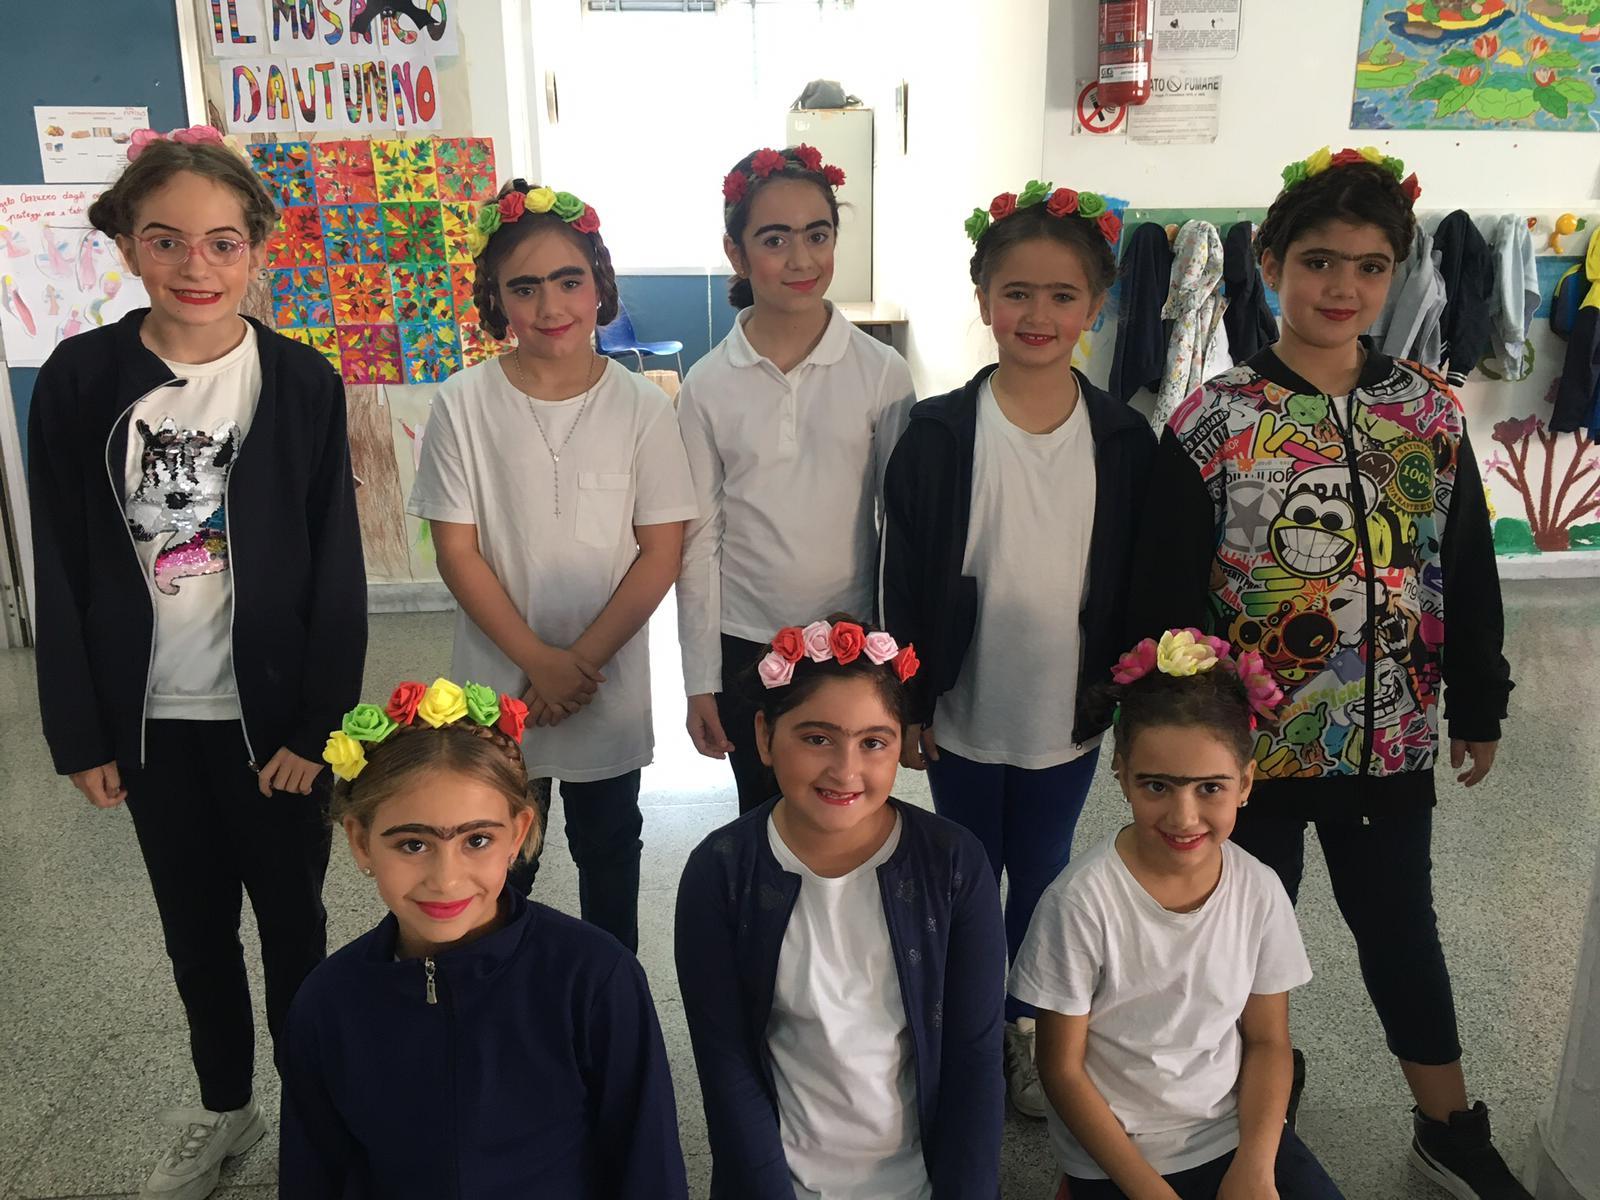 Fida Kahlo e il giorno dei morti. Classe 4^B Zanfagna